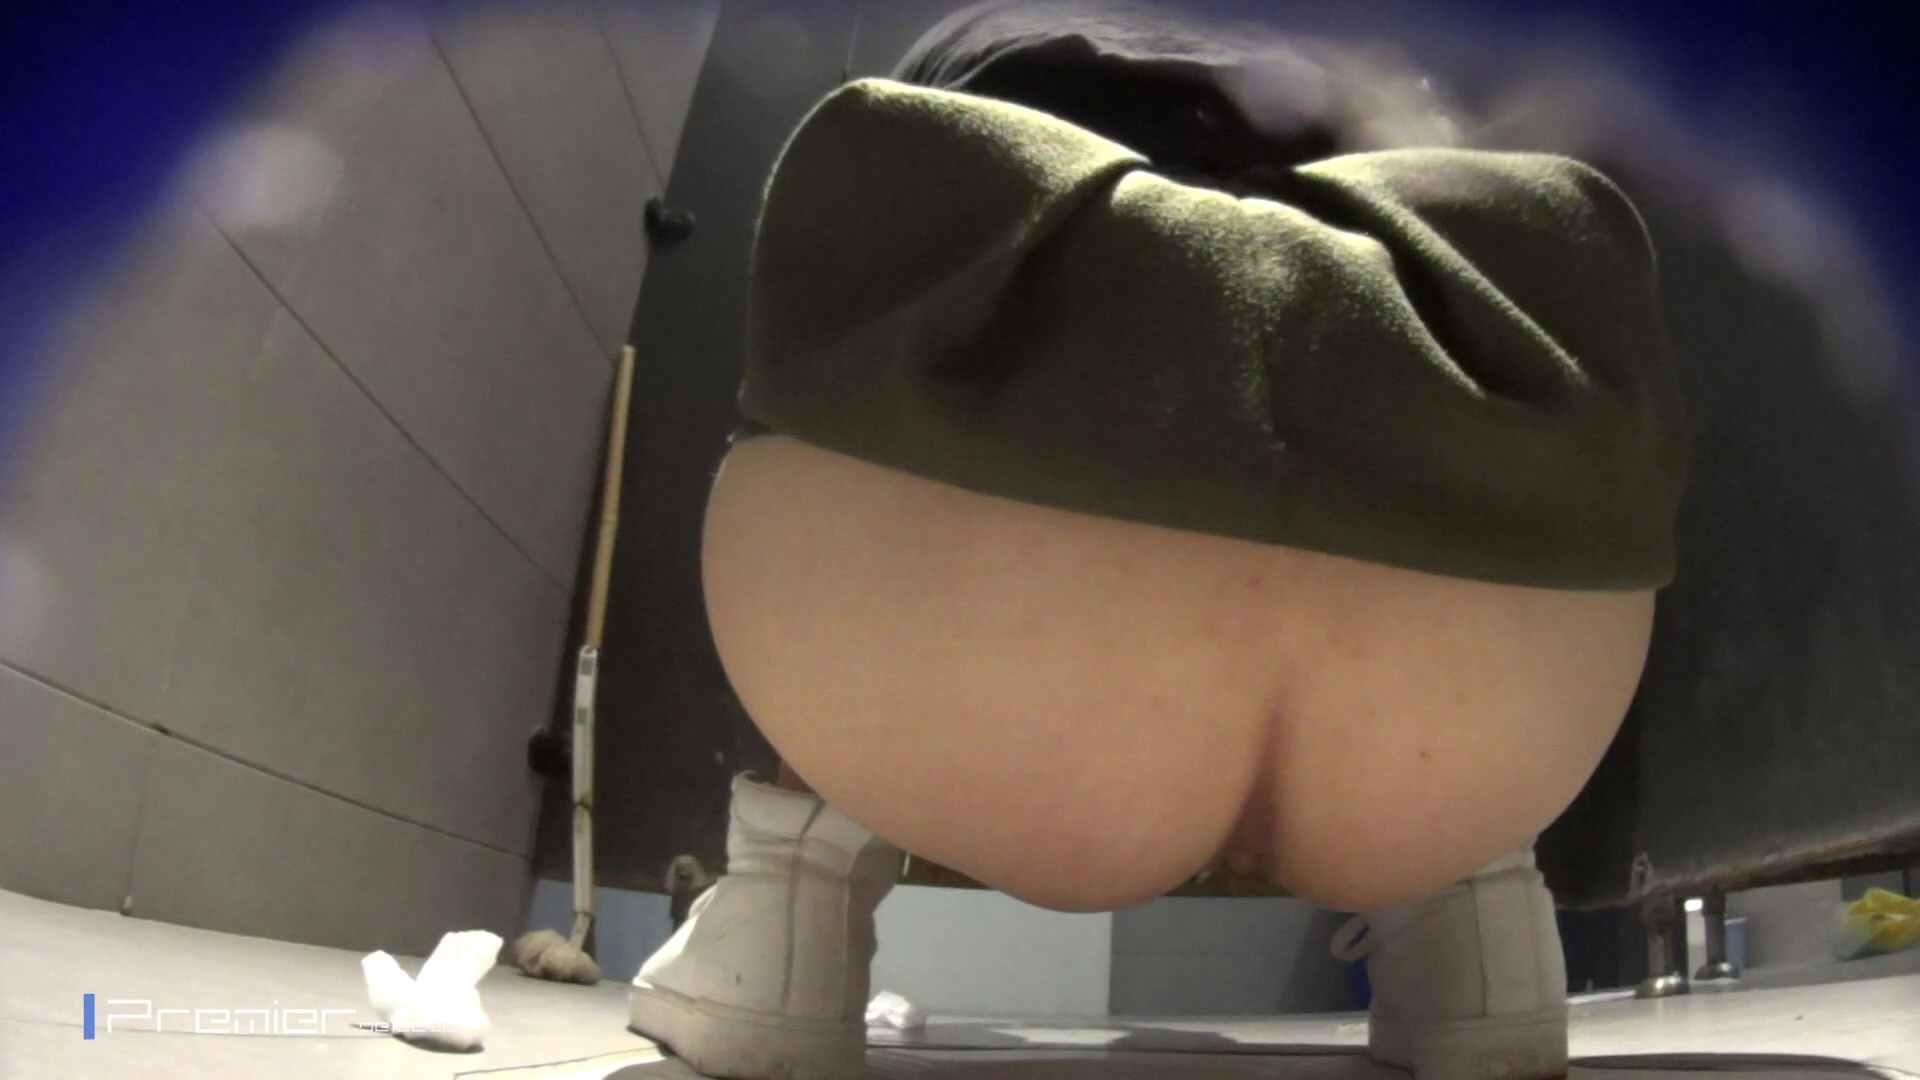 地味な子ですがhiwaiなあそこ 大学休憩時間の洗面所事情69 ギャル攻め 性交動画流出 90画像 46